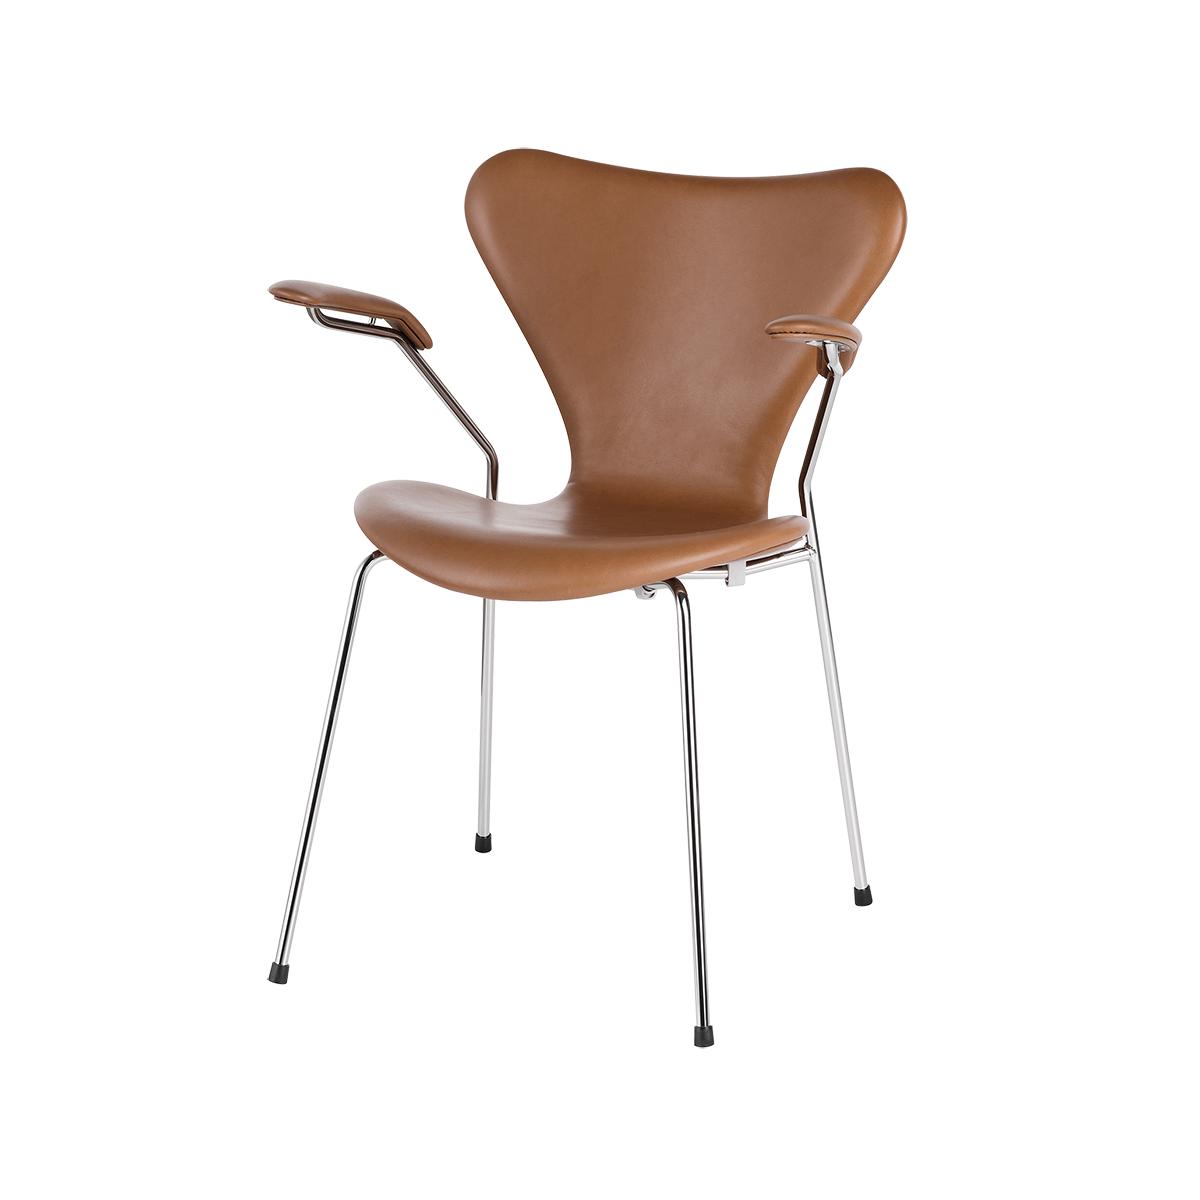 Alvorlig 3207 Armstol, Fuldpolstret Valnød Wild Læder - Spisebordsstole LS02